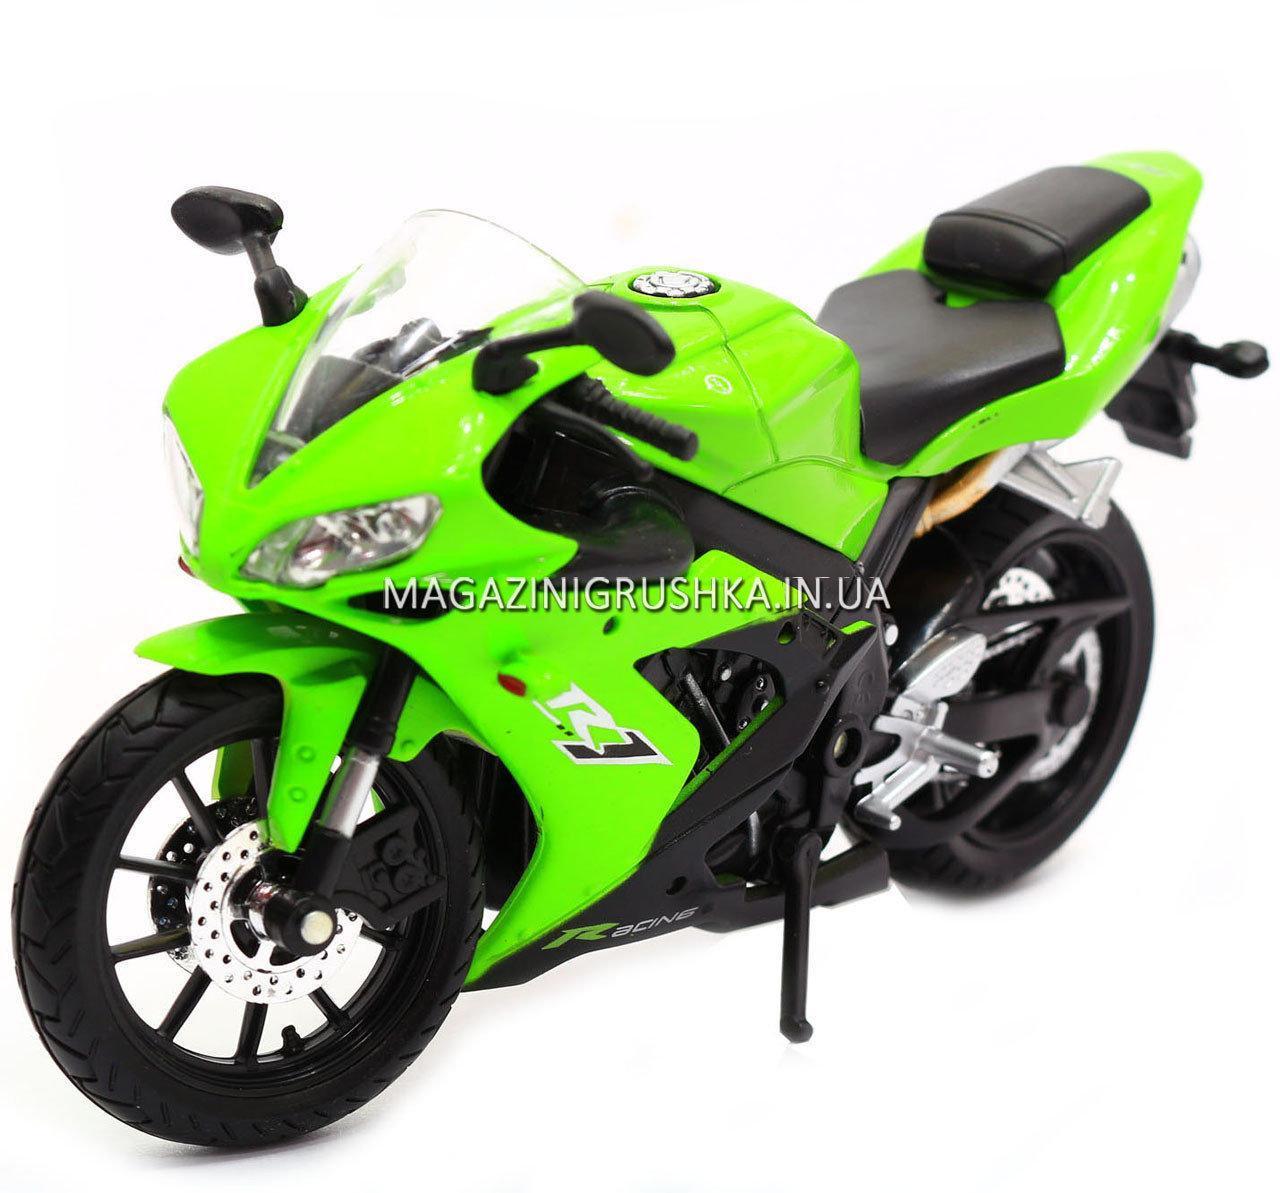 Мотоцикл Автопром модель «Yamaha R1» Салатовый 7747